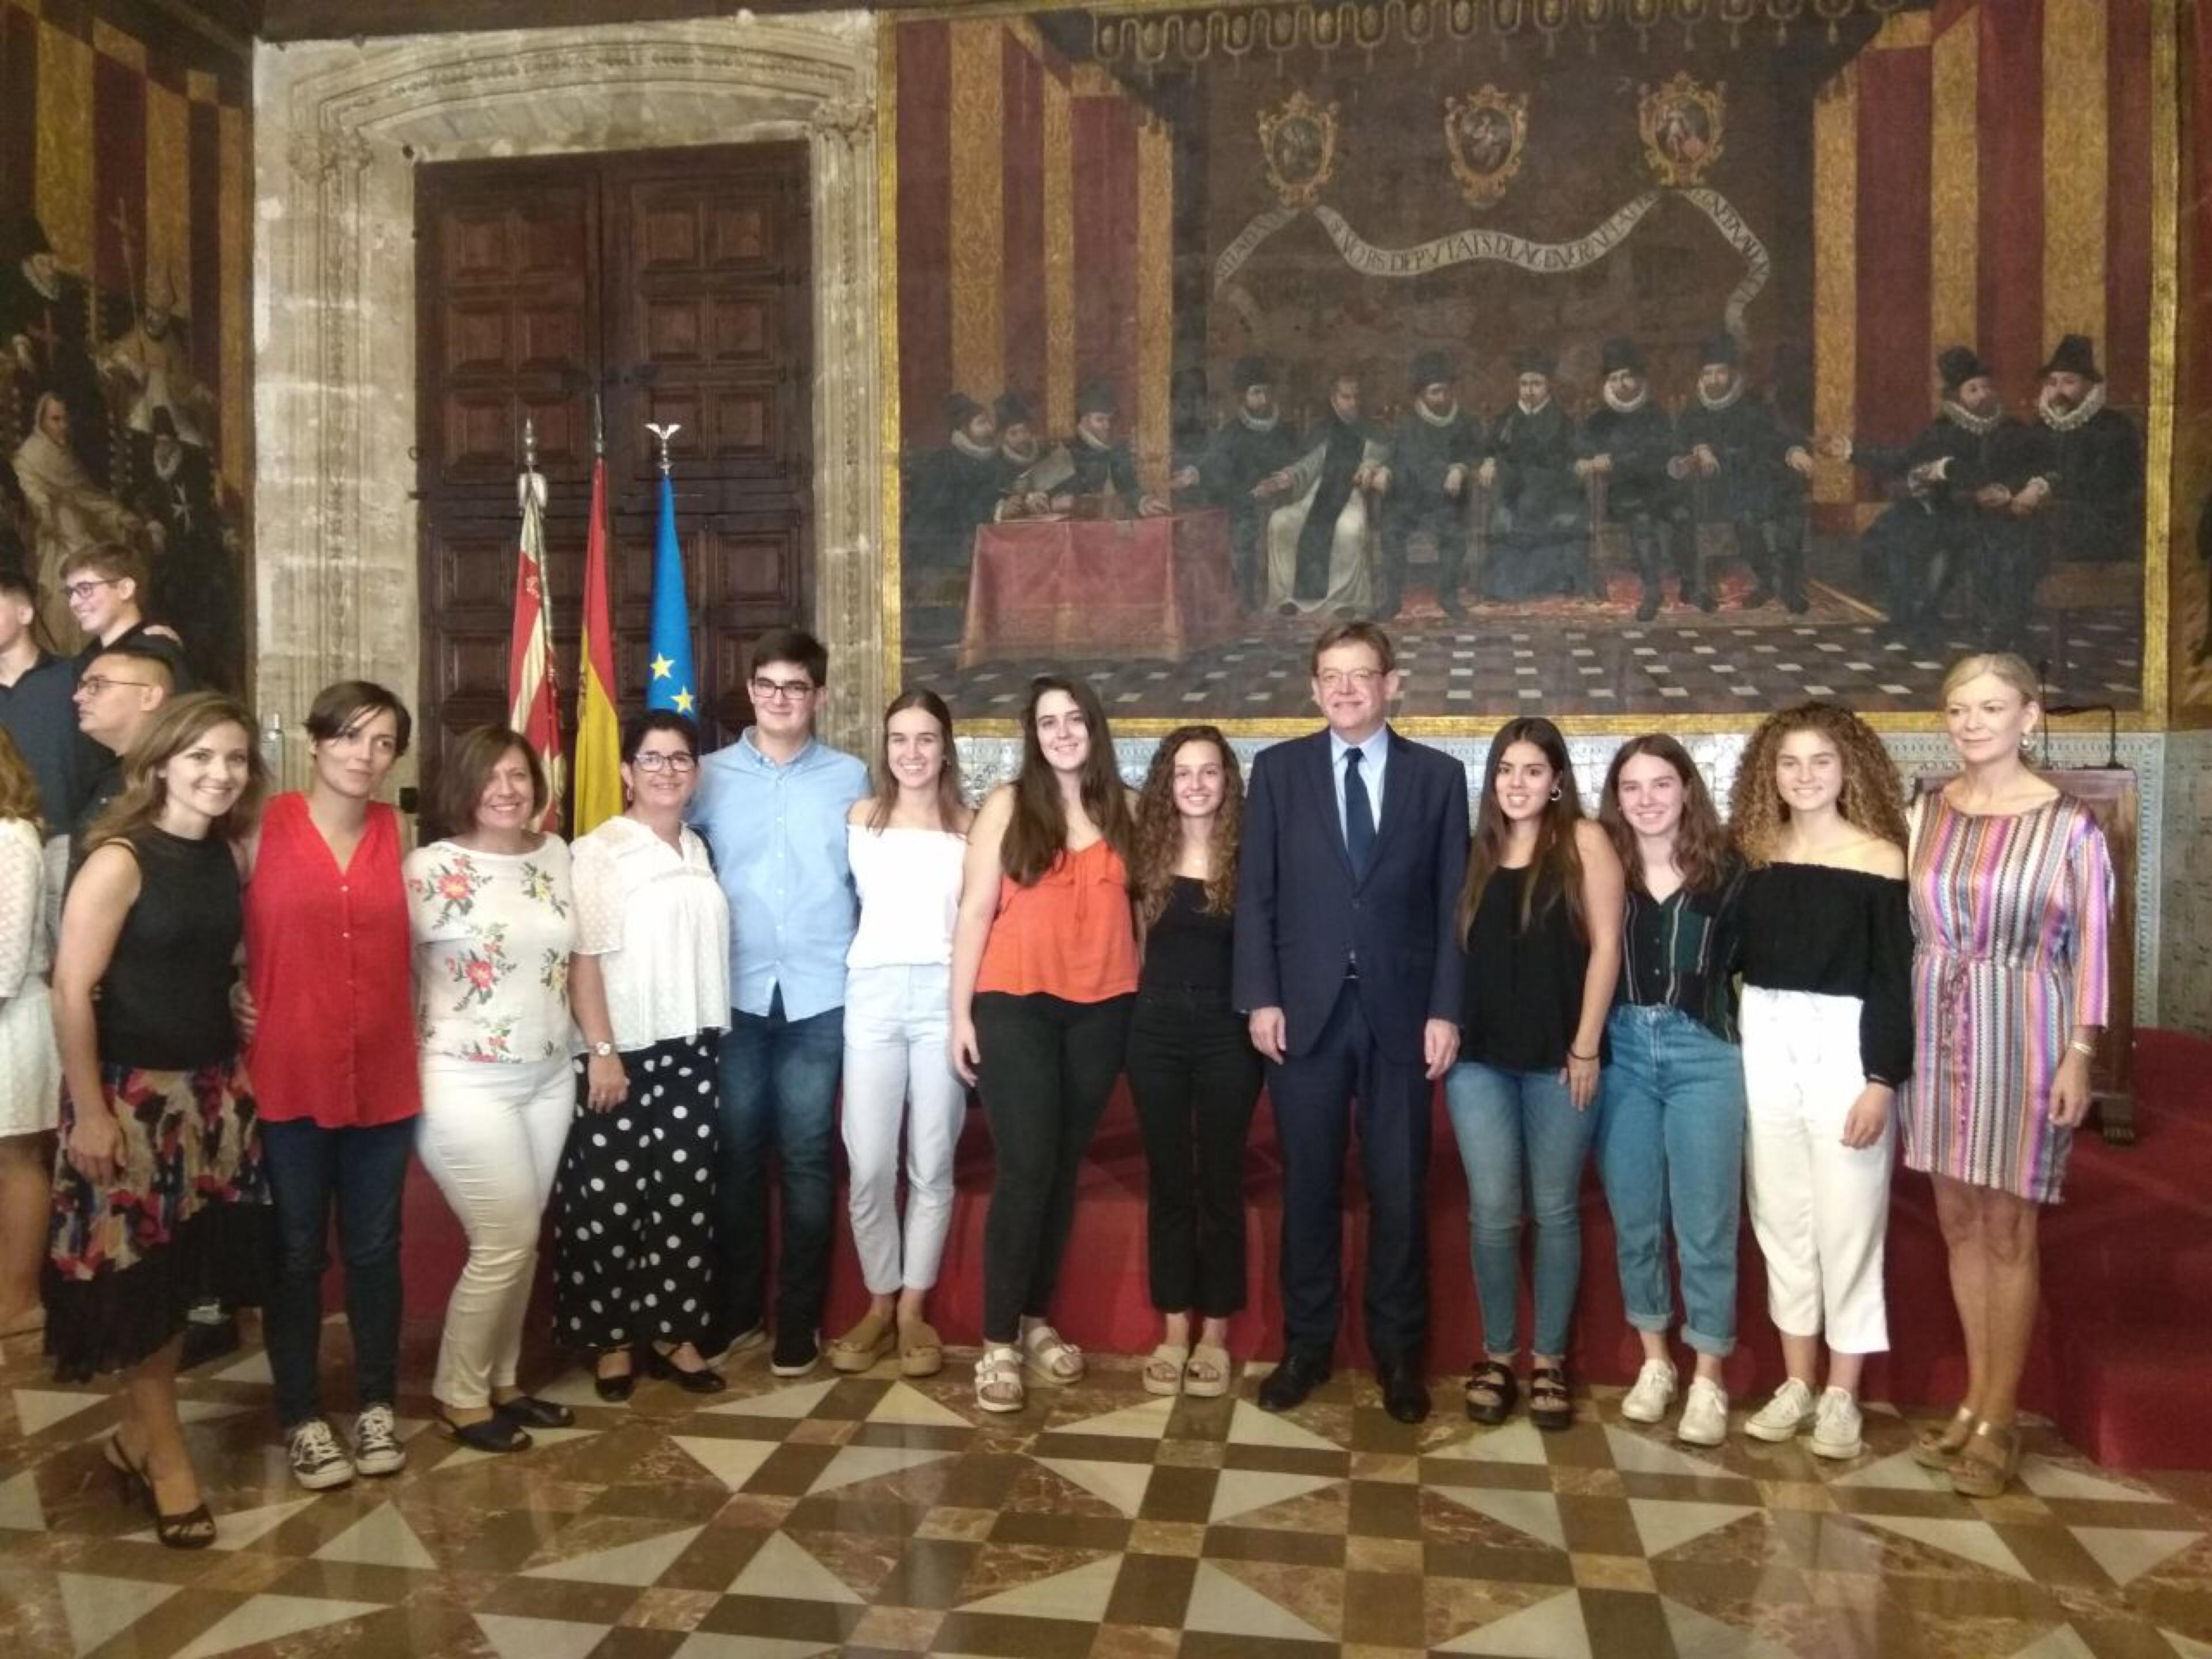 Alumnado, profesoras del IES Hoya de Buñol y alcaldesas de Buñol y Macastre en en la recepción de Ximo Puig.